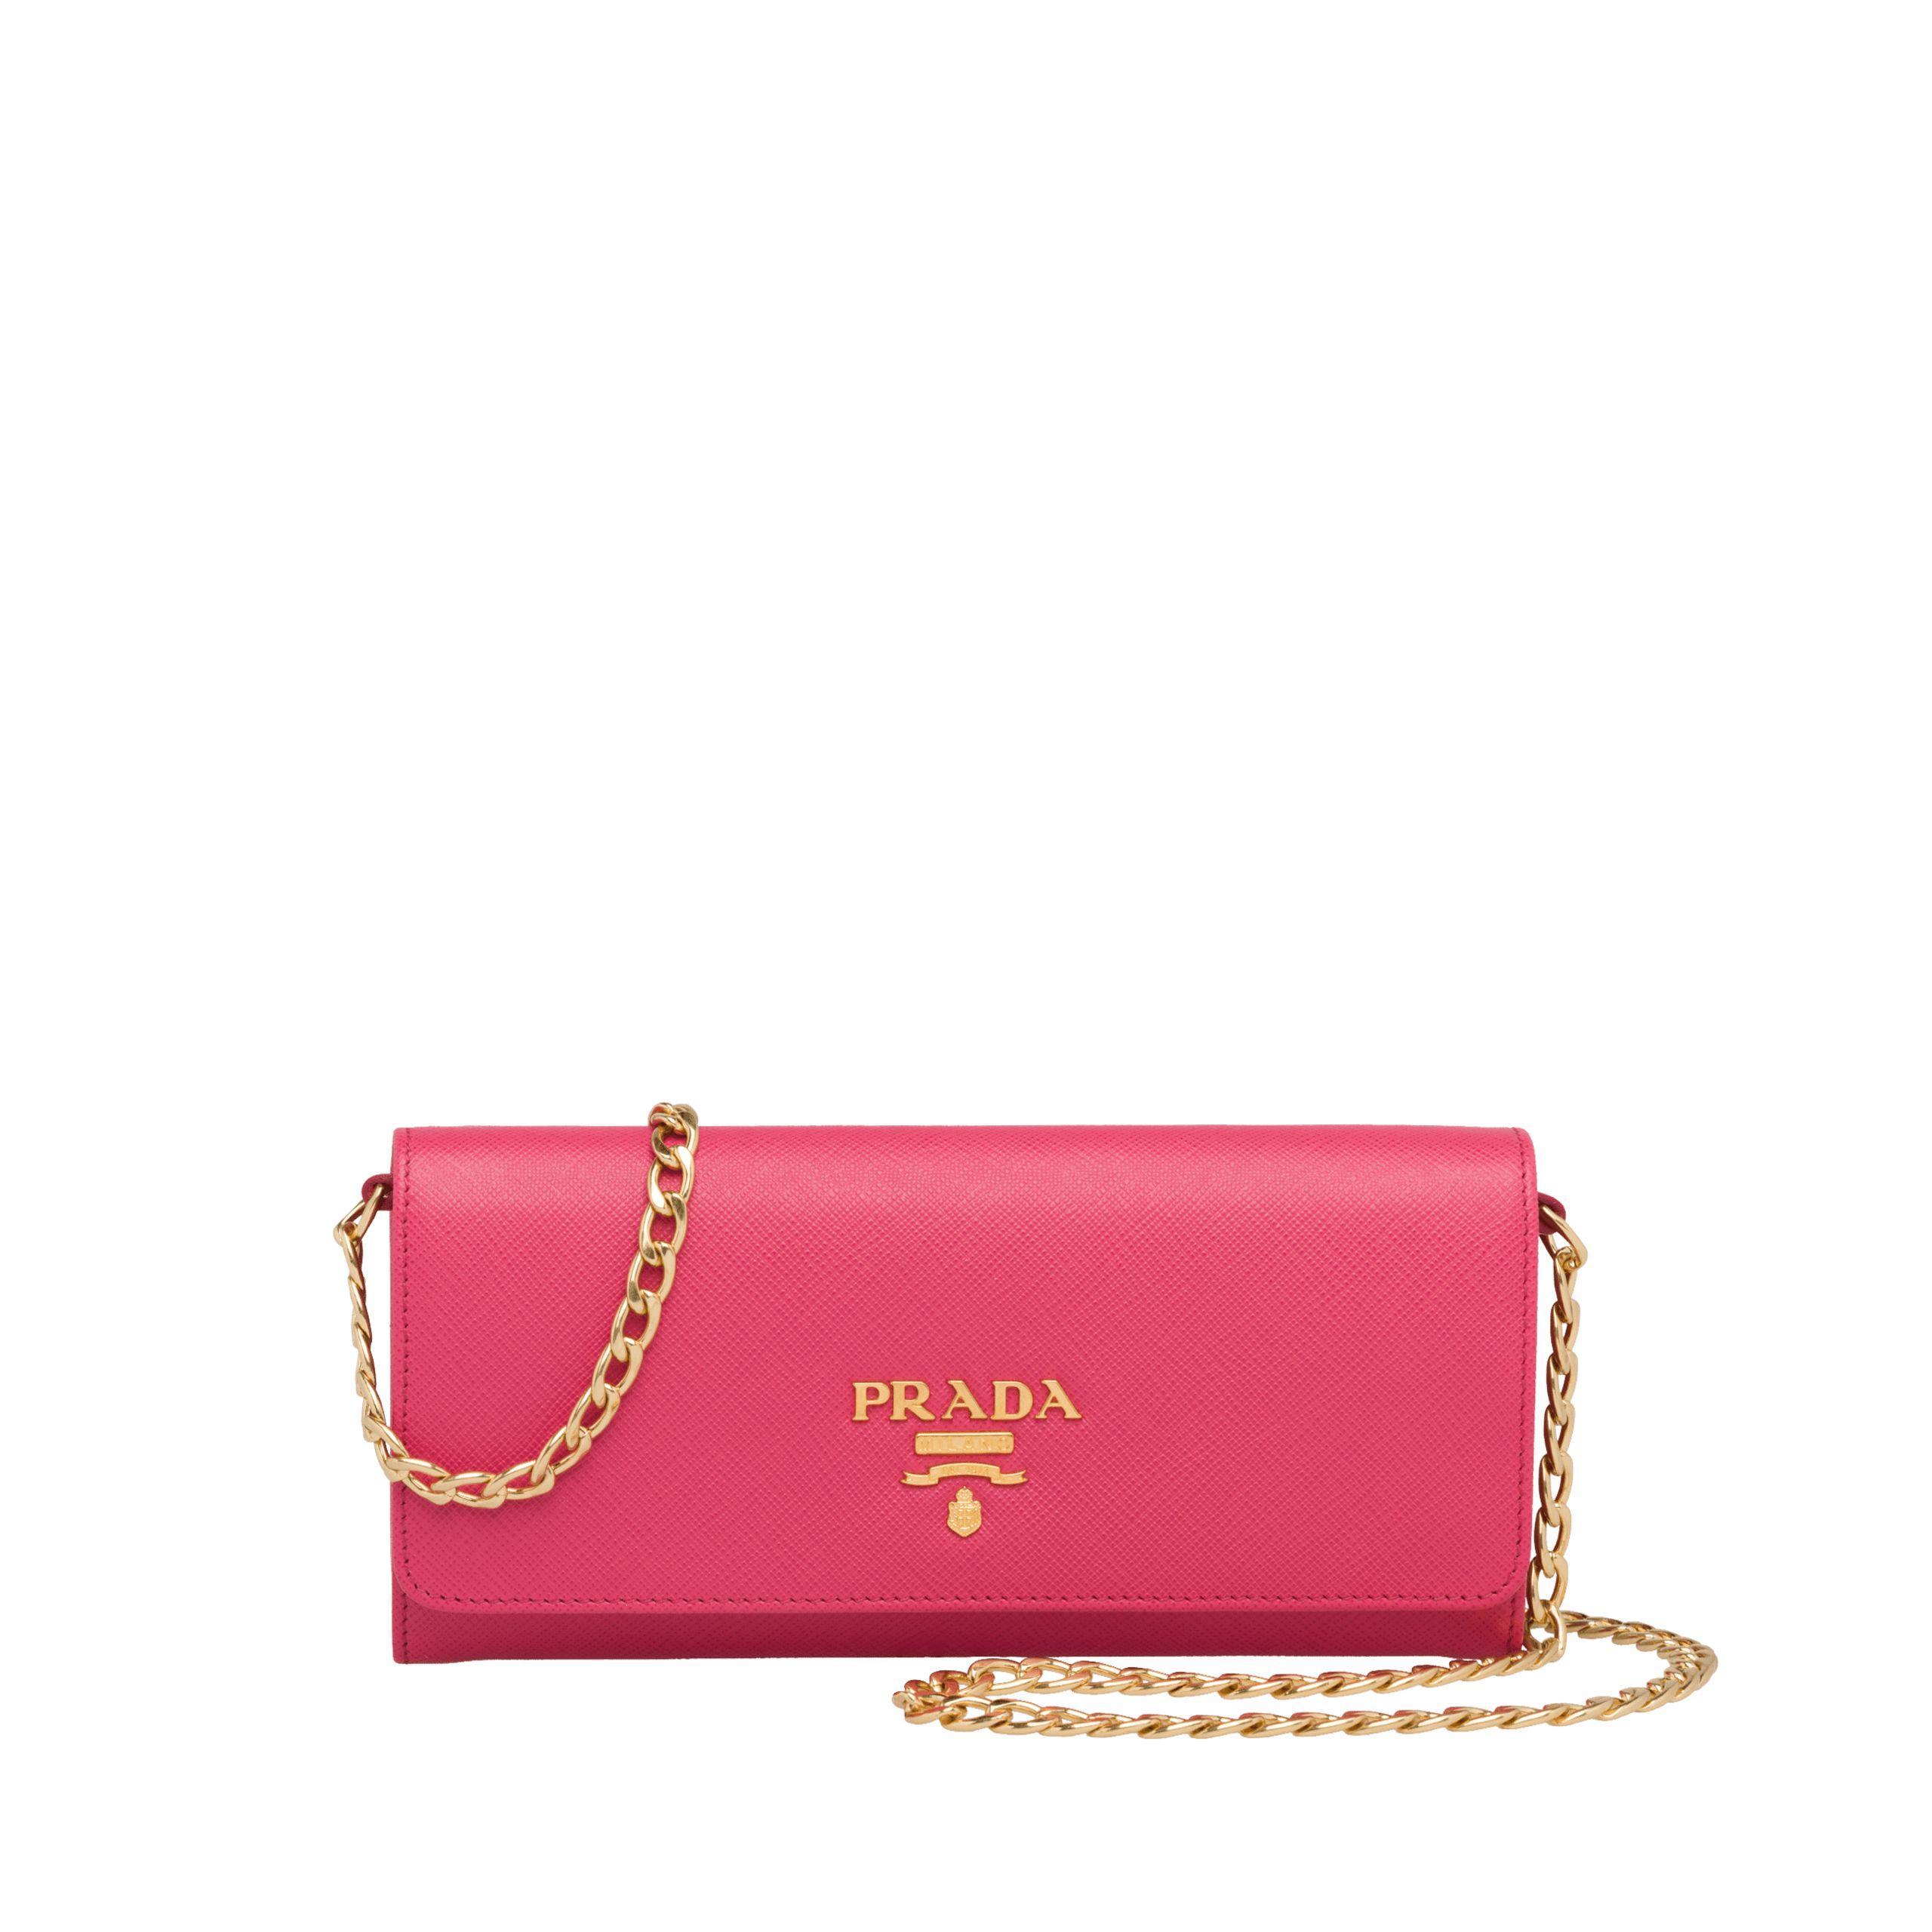 91d47b2c6310 Prada - Multicolor Leather Shoulder Bag - Lyst. View fullscreen